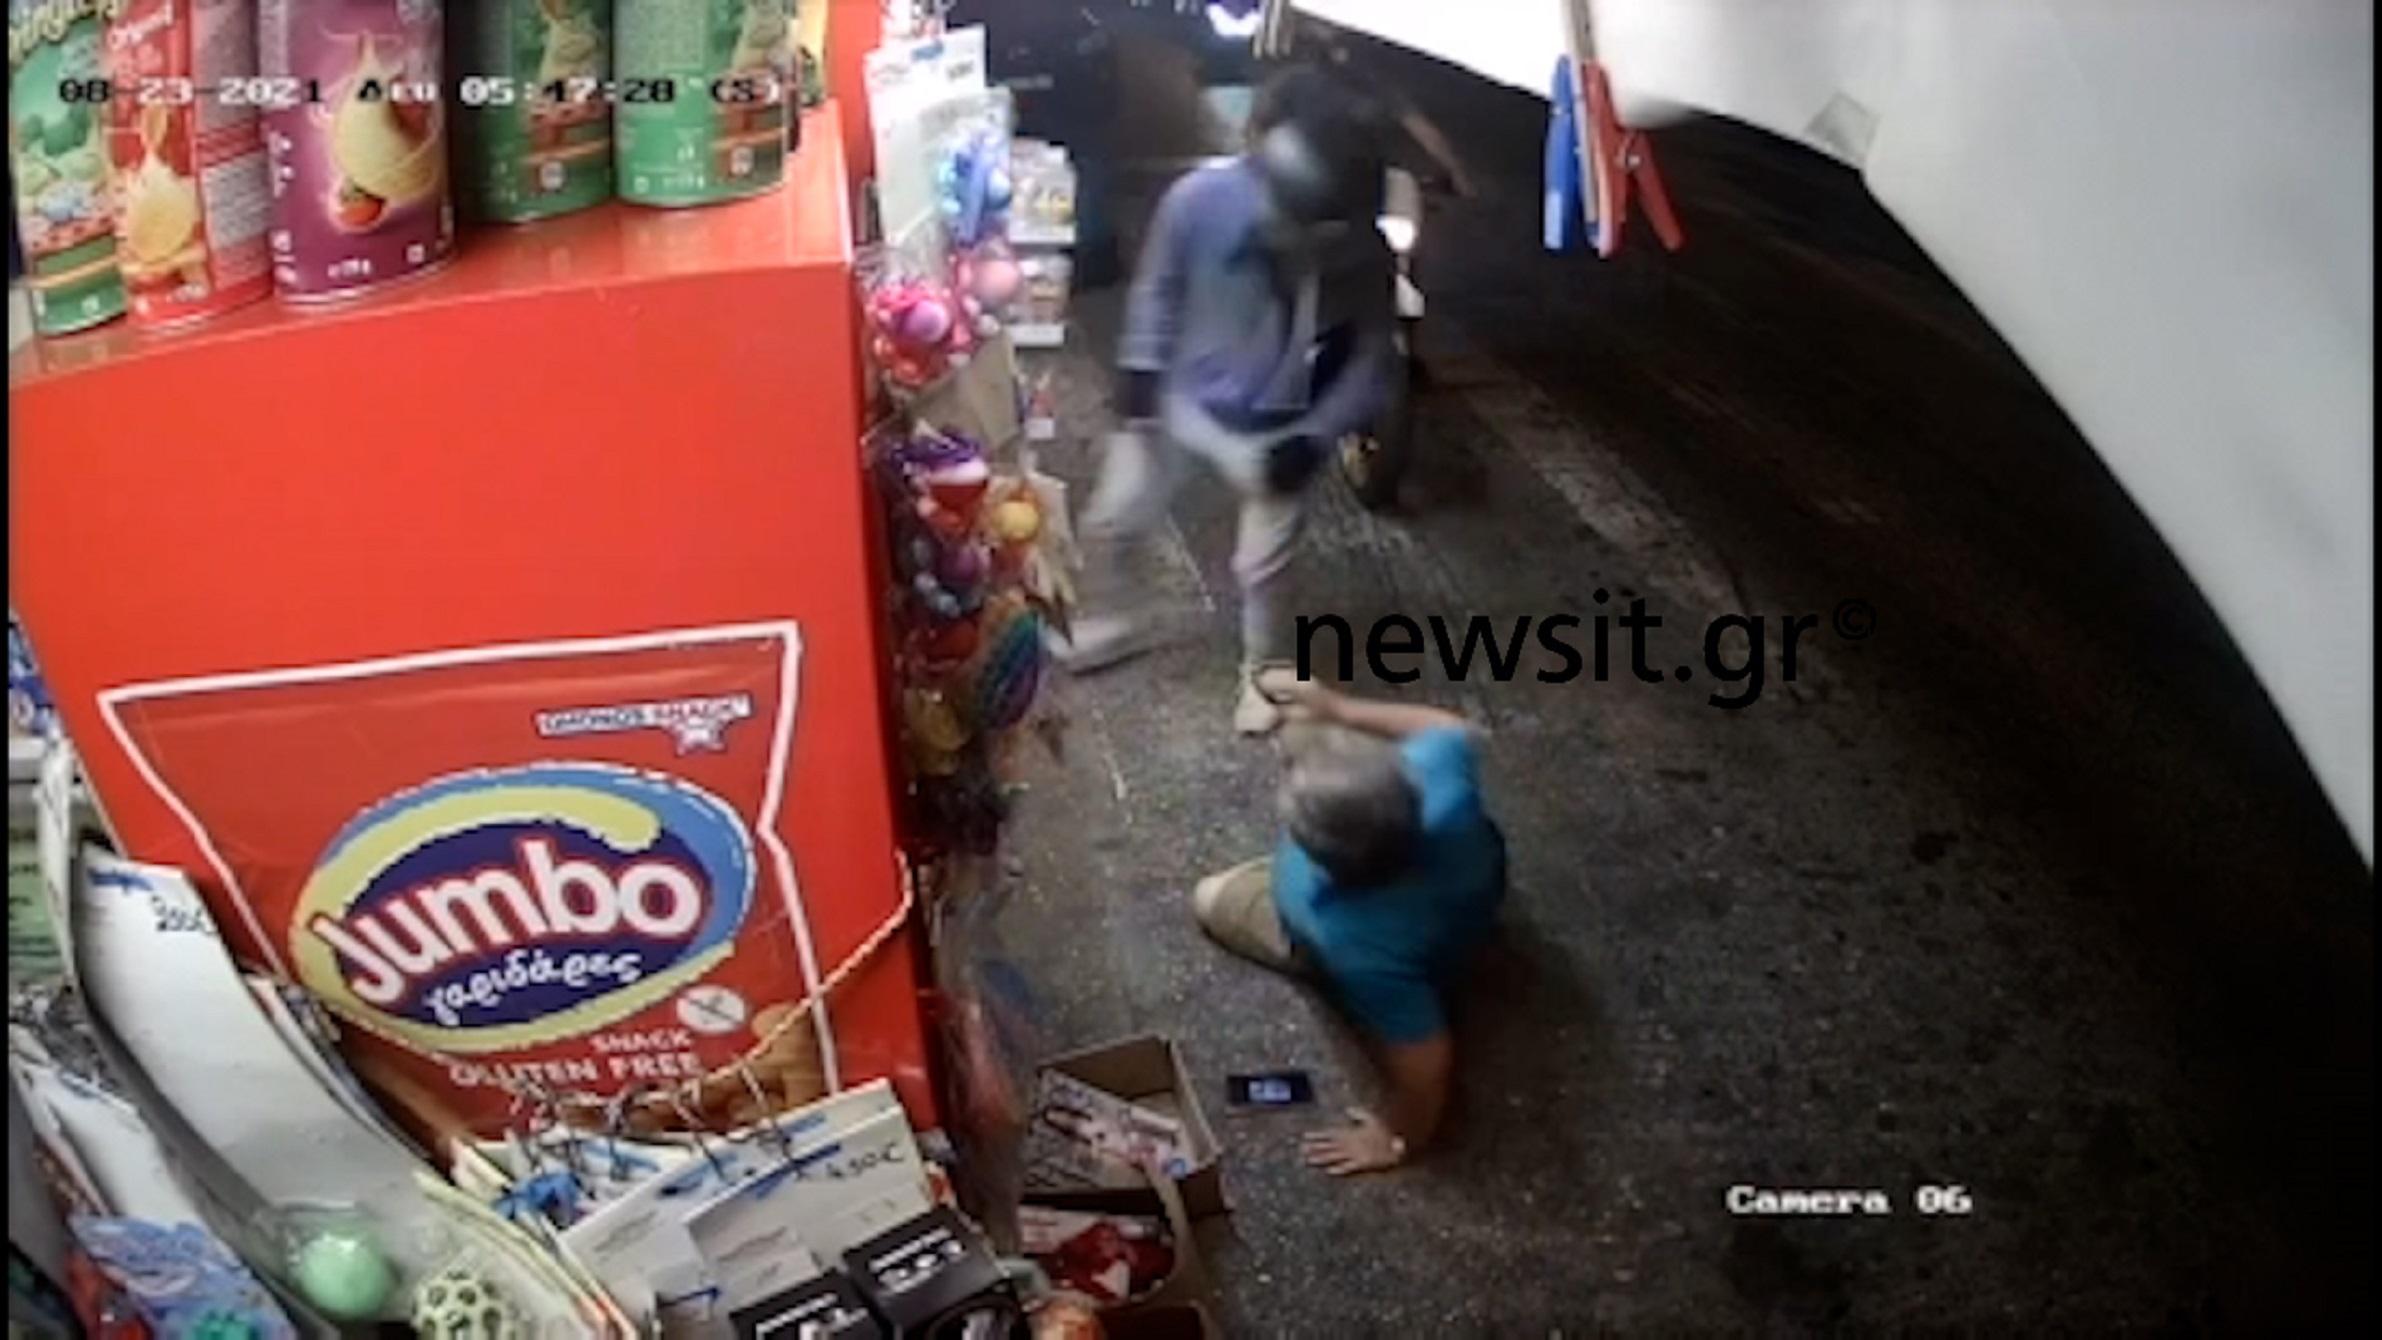 Βίντεο ντοκουμέντο από την ληστεία σε περίπτερο στο Παγκράτι